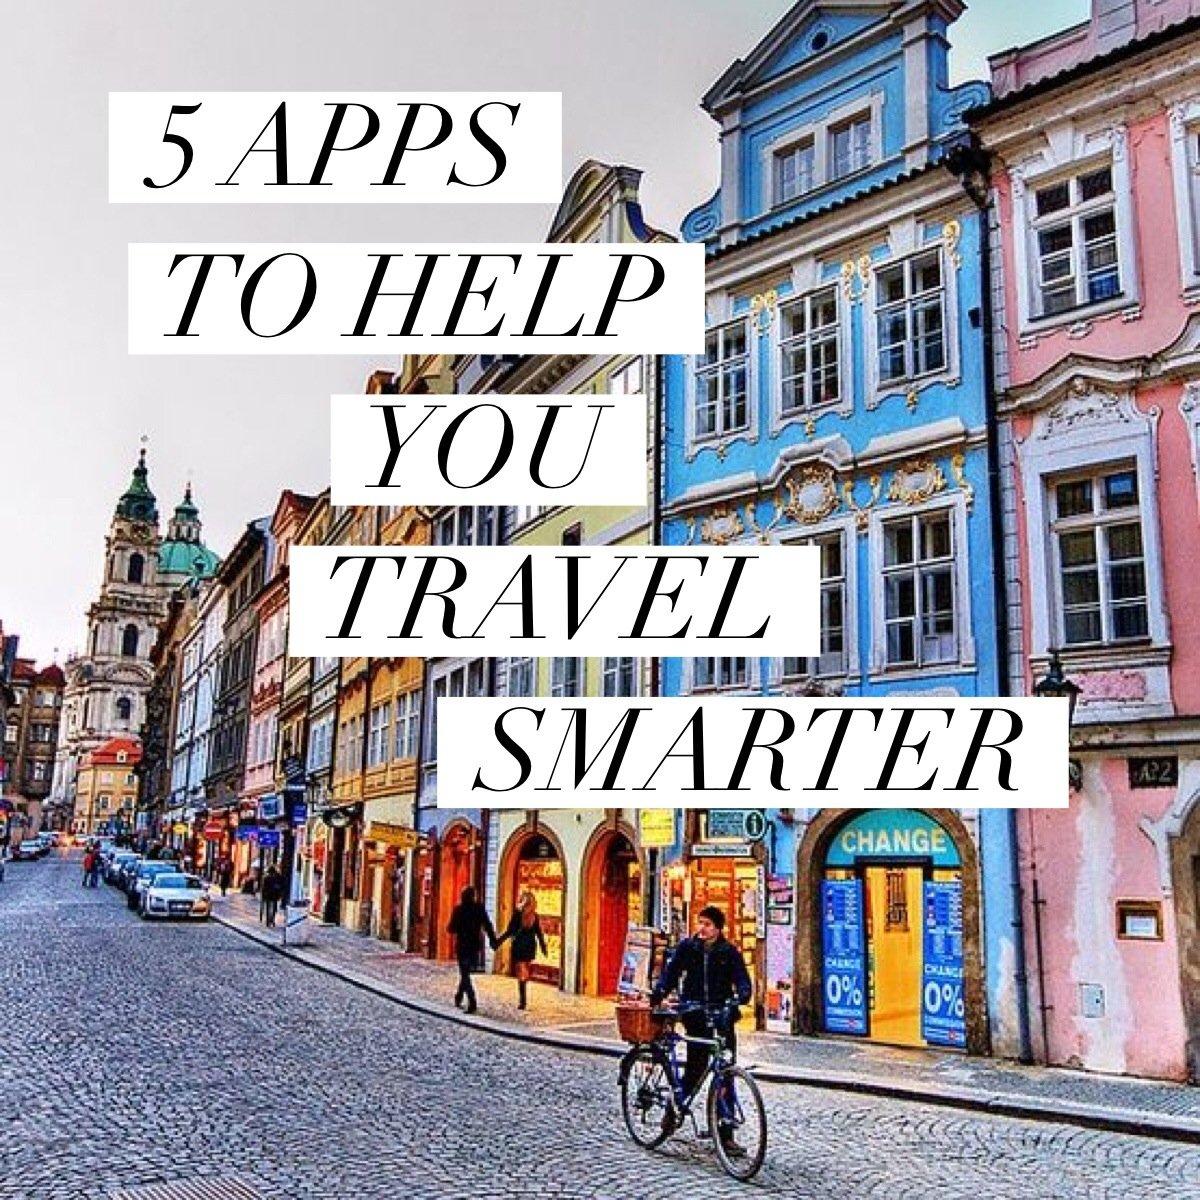 5 apps to help you travel smarter // www.skedgo.com/blog